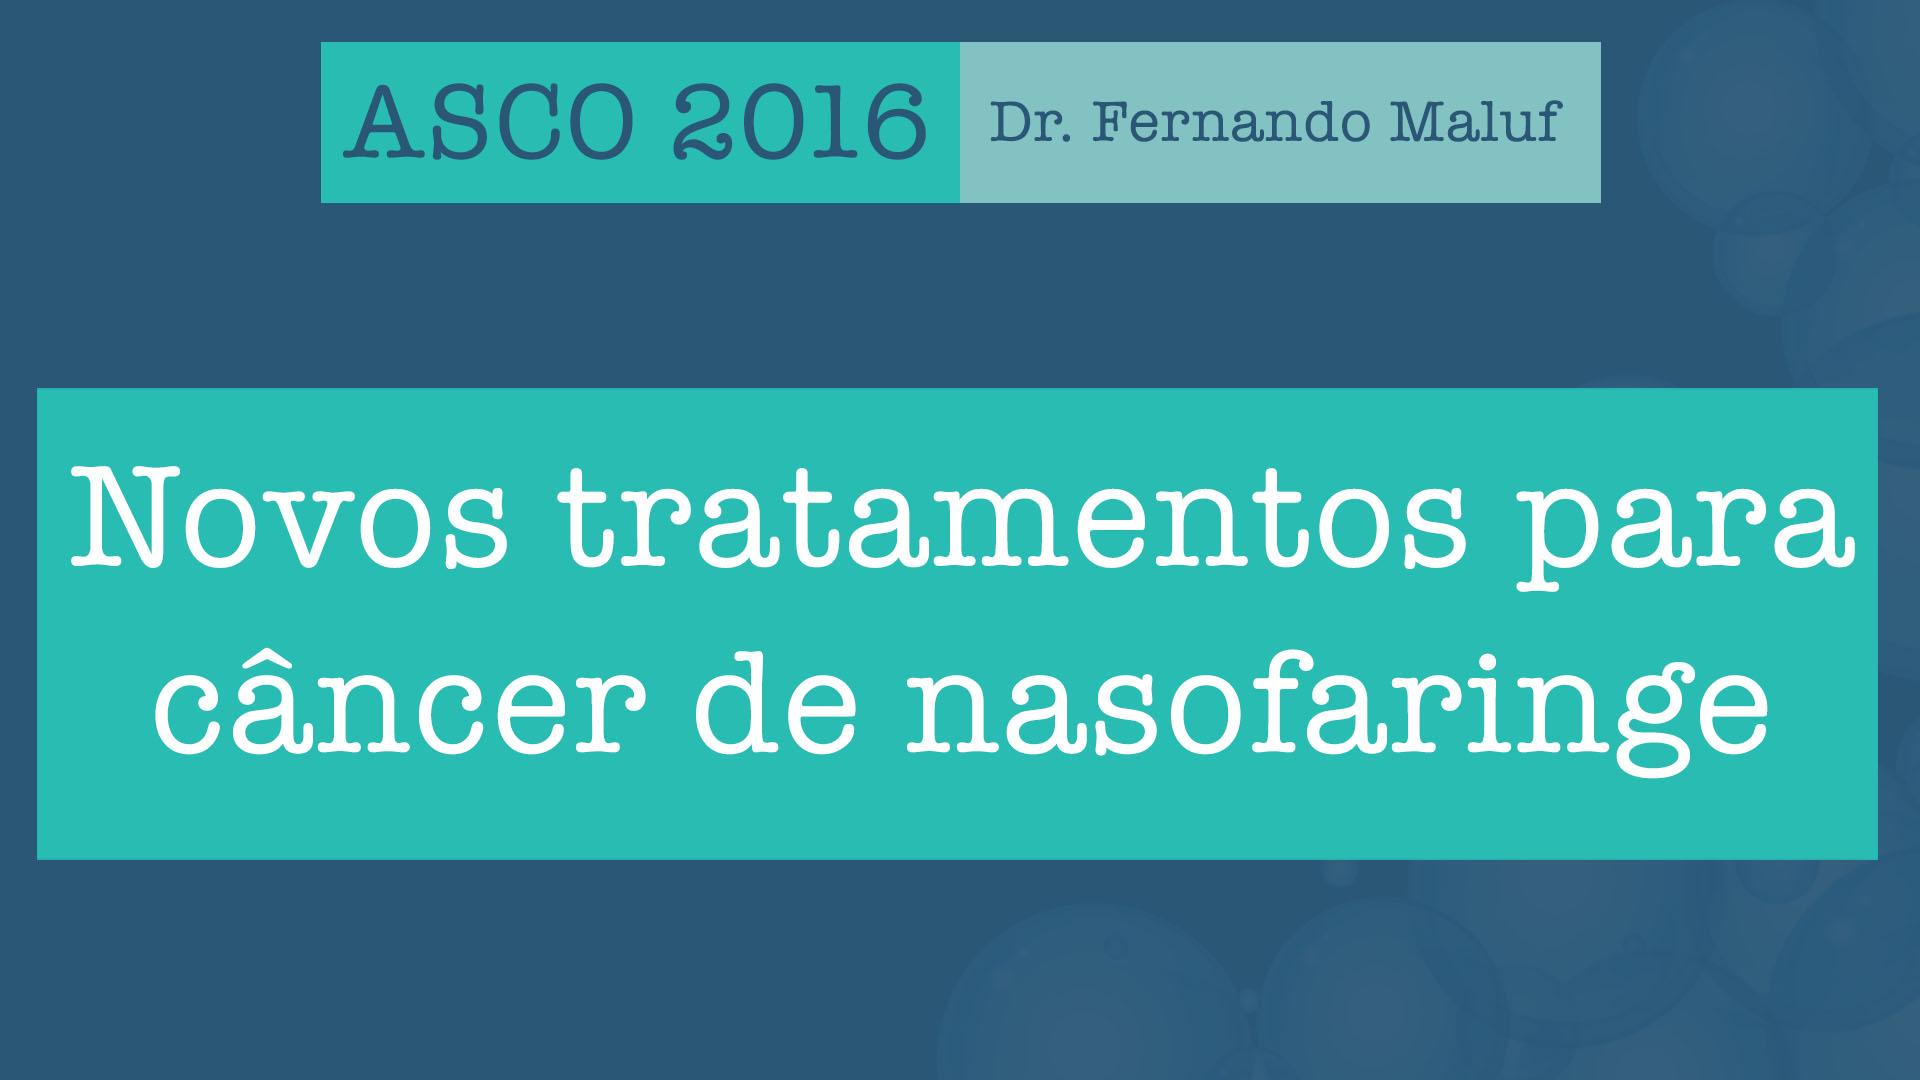 asco 2016 nasofaringe